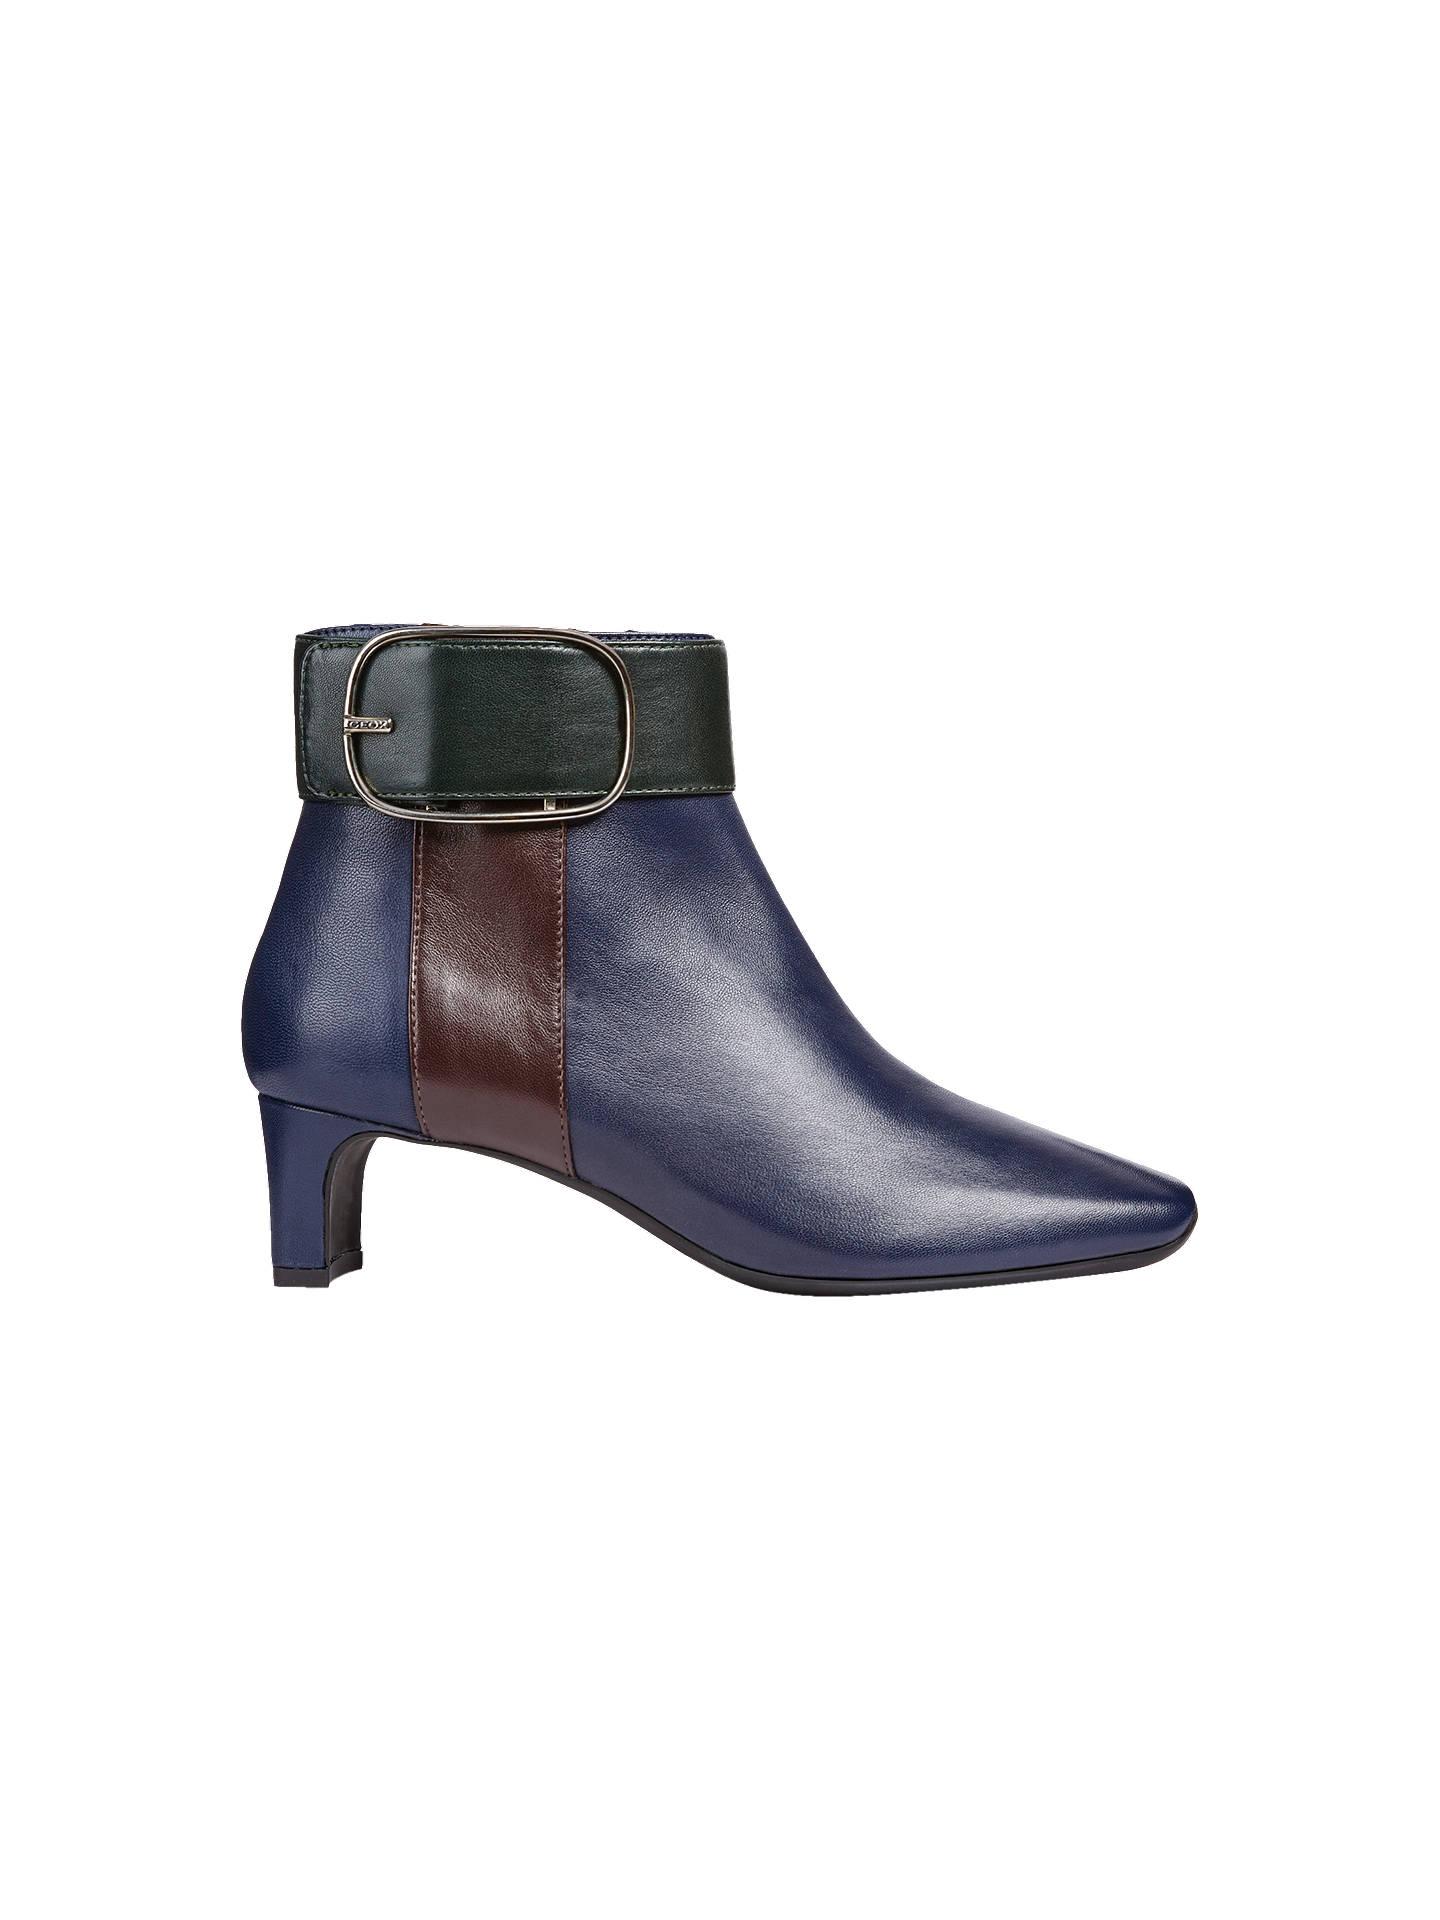 c4836ce97a Buy Geox Women's Vivyanne Block Heel Ankle Boots, Blue/Multi Leather, 4  Online ...